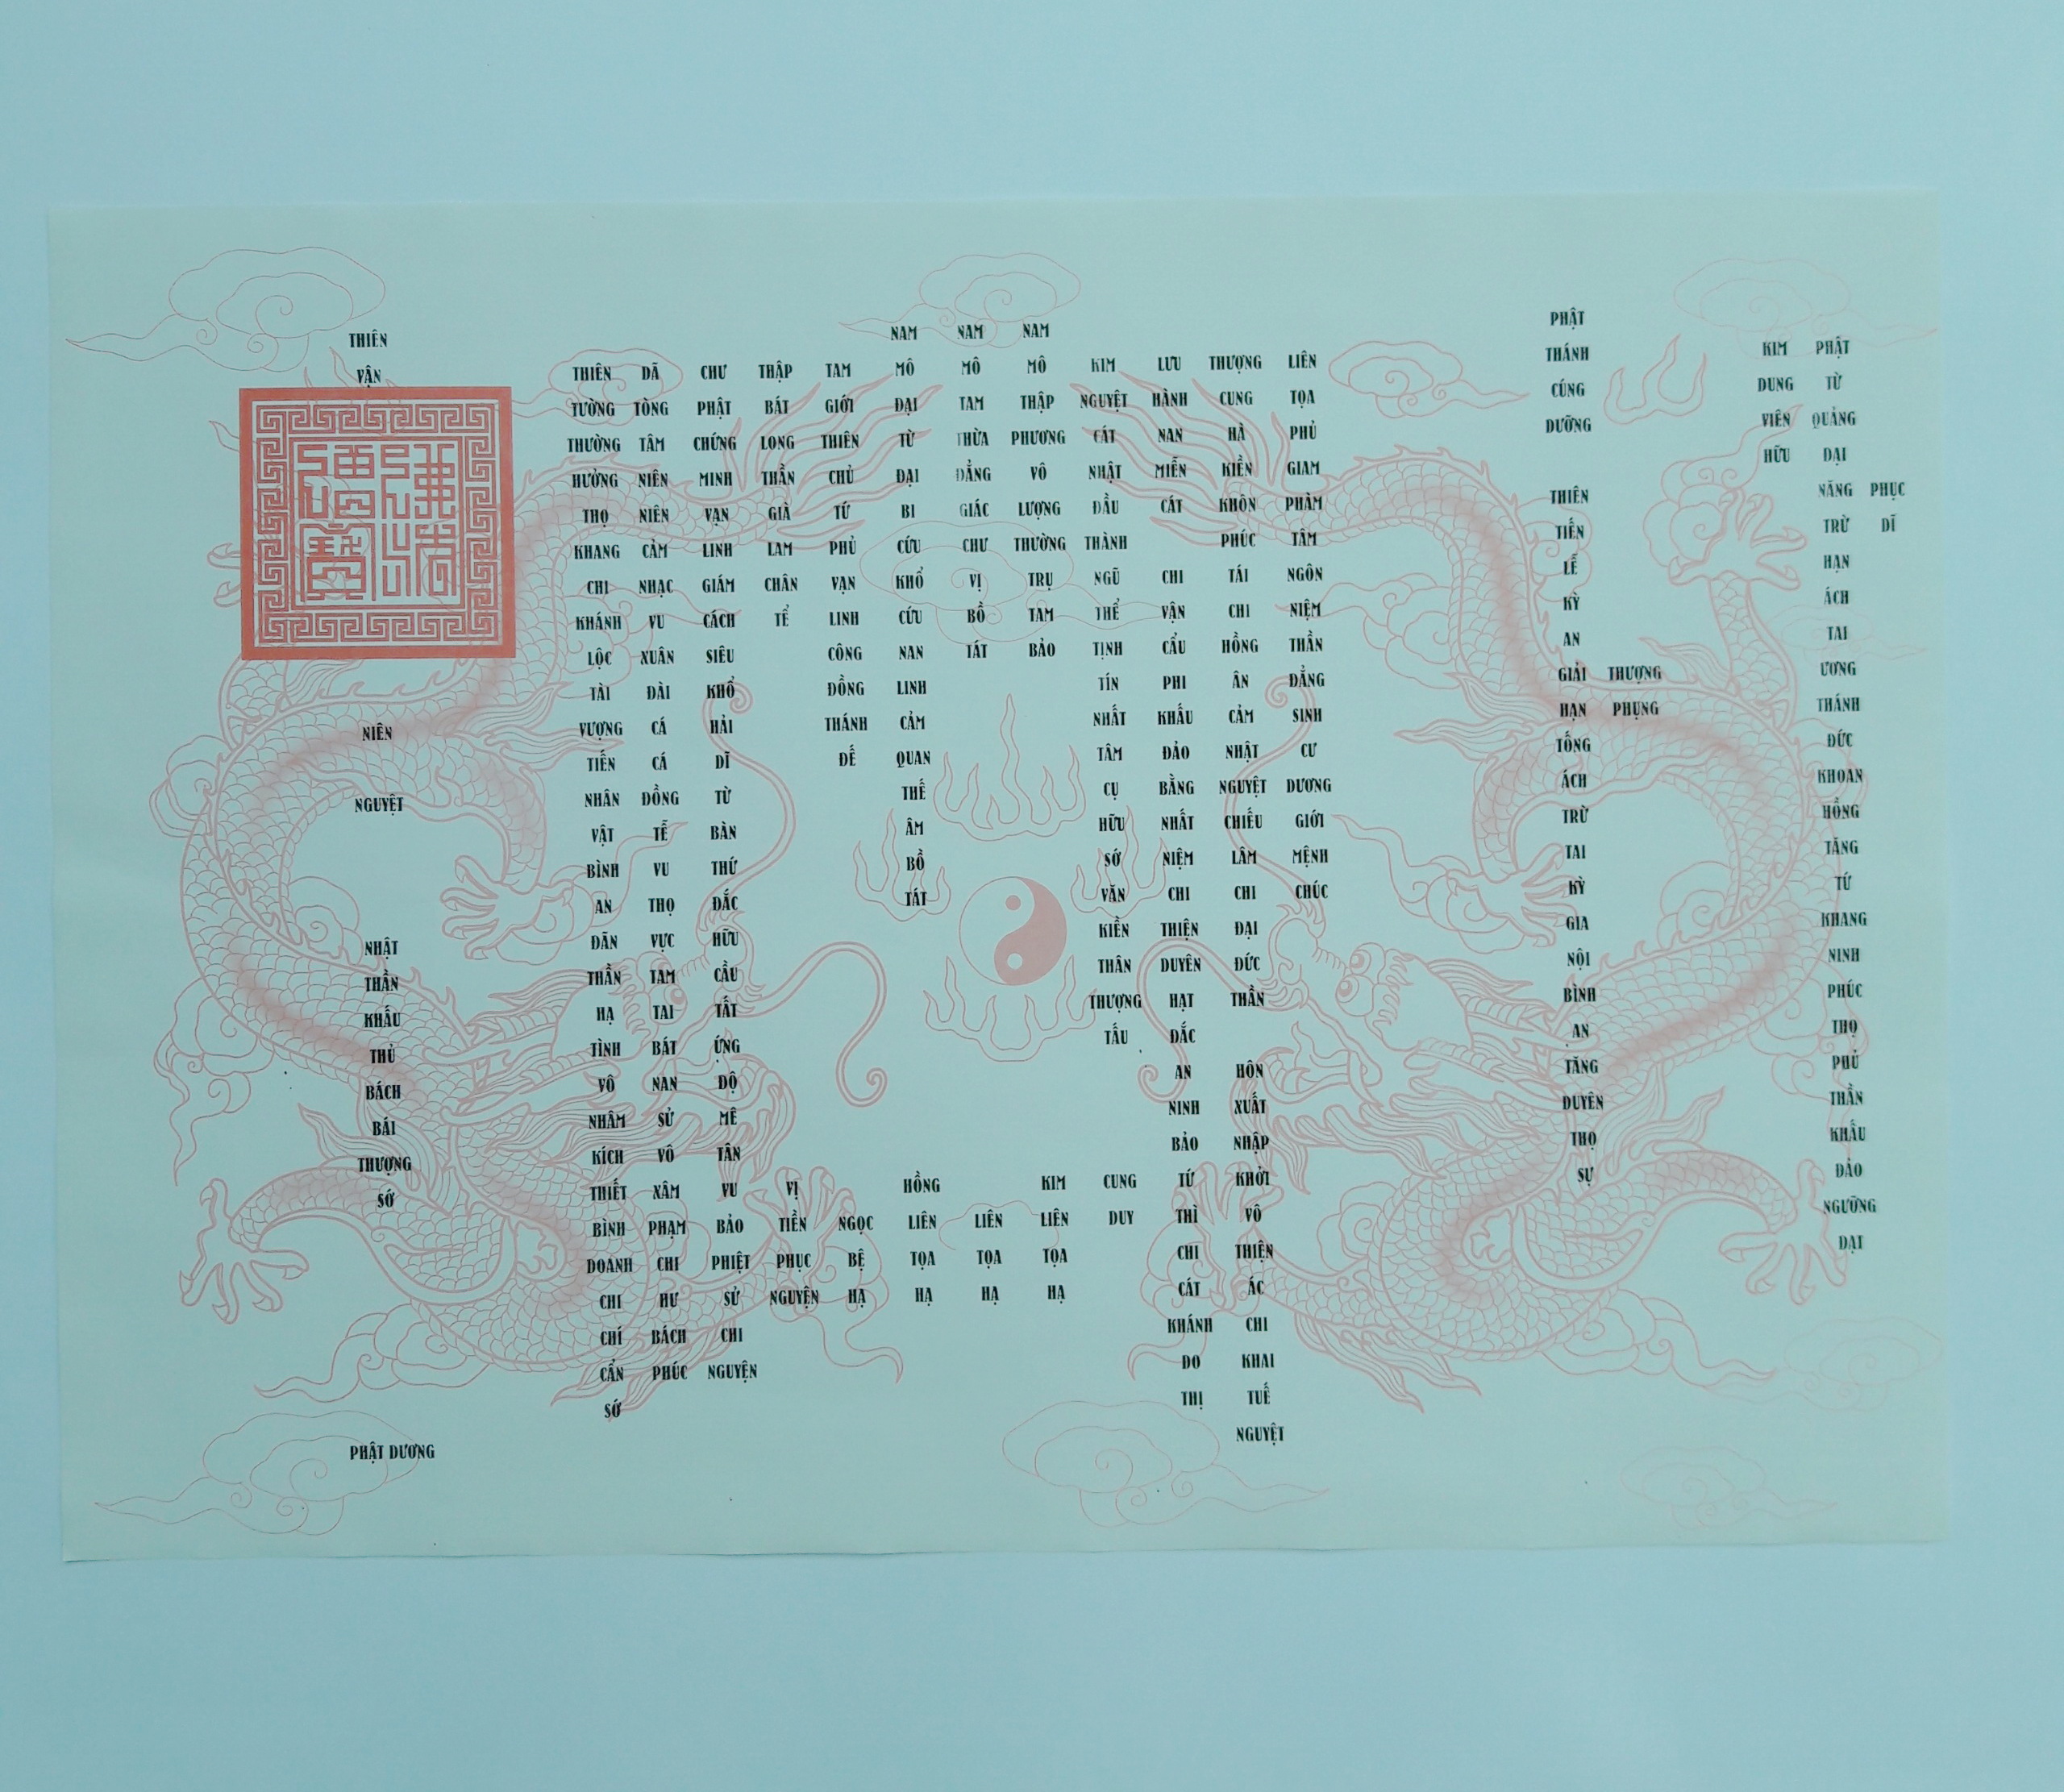 Giấy In Sớ Rồng chầu có ấn RH a3 DL60 nền trắng